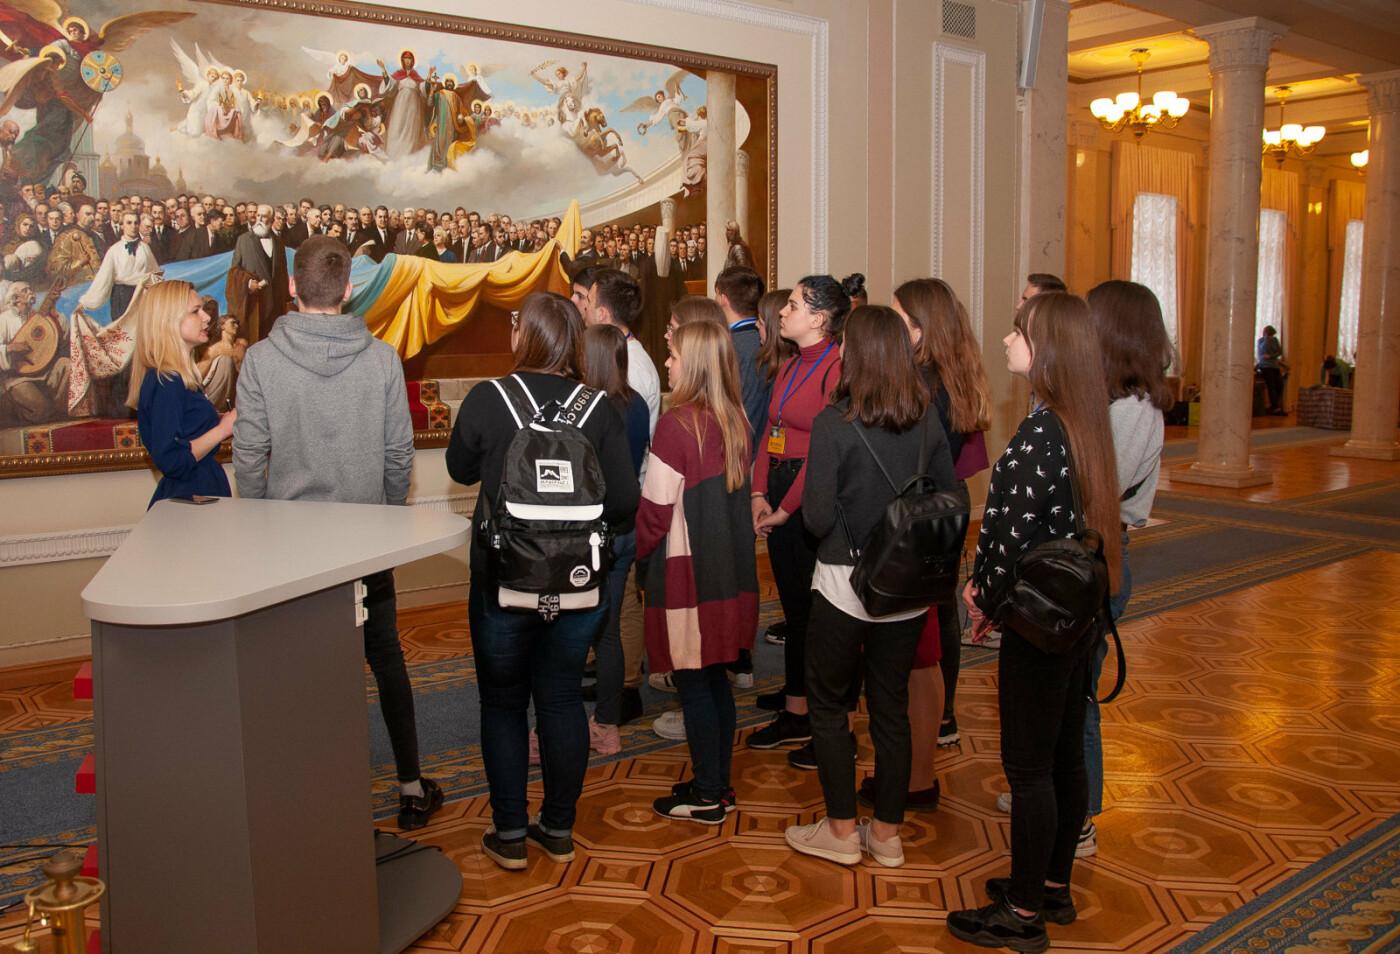 Подорож до парламенту: 20 закарпатських школярів виграли поїздку на освітню екскурсію до Верховної Ради (ВІДЕО), фото-5